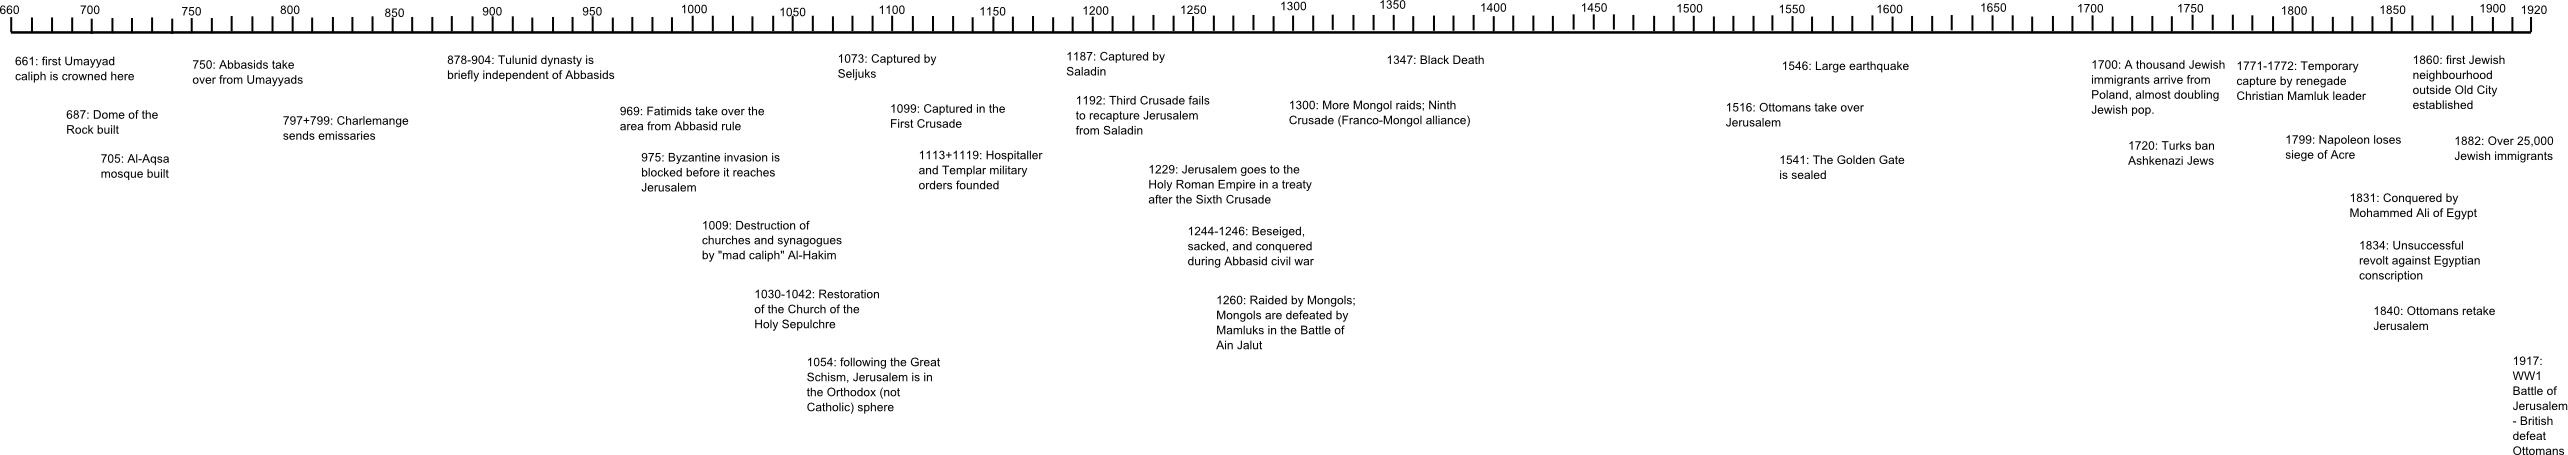 Timeline of Jerusalem